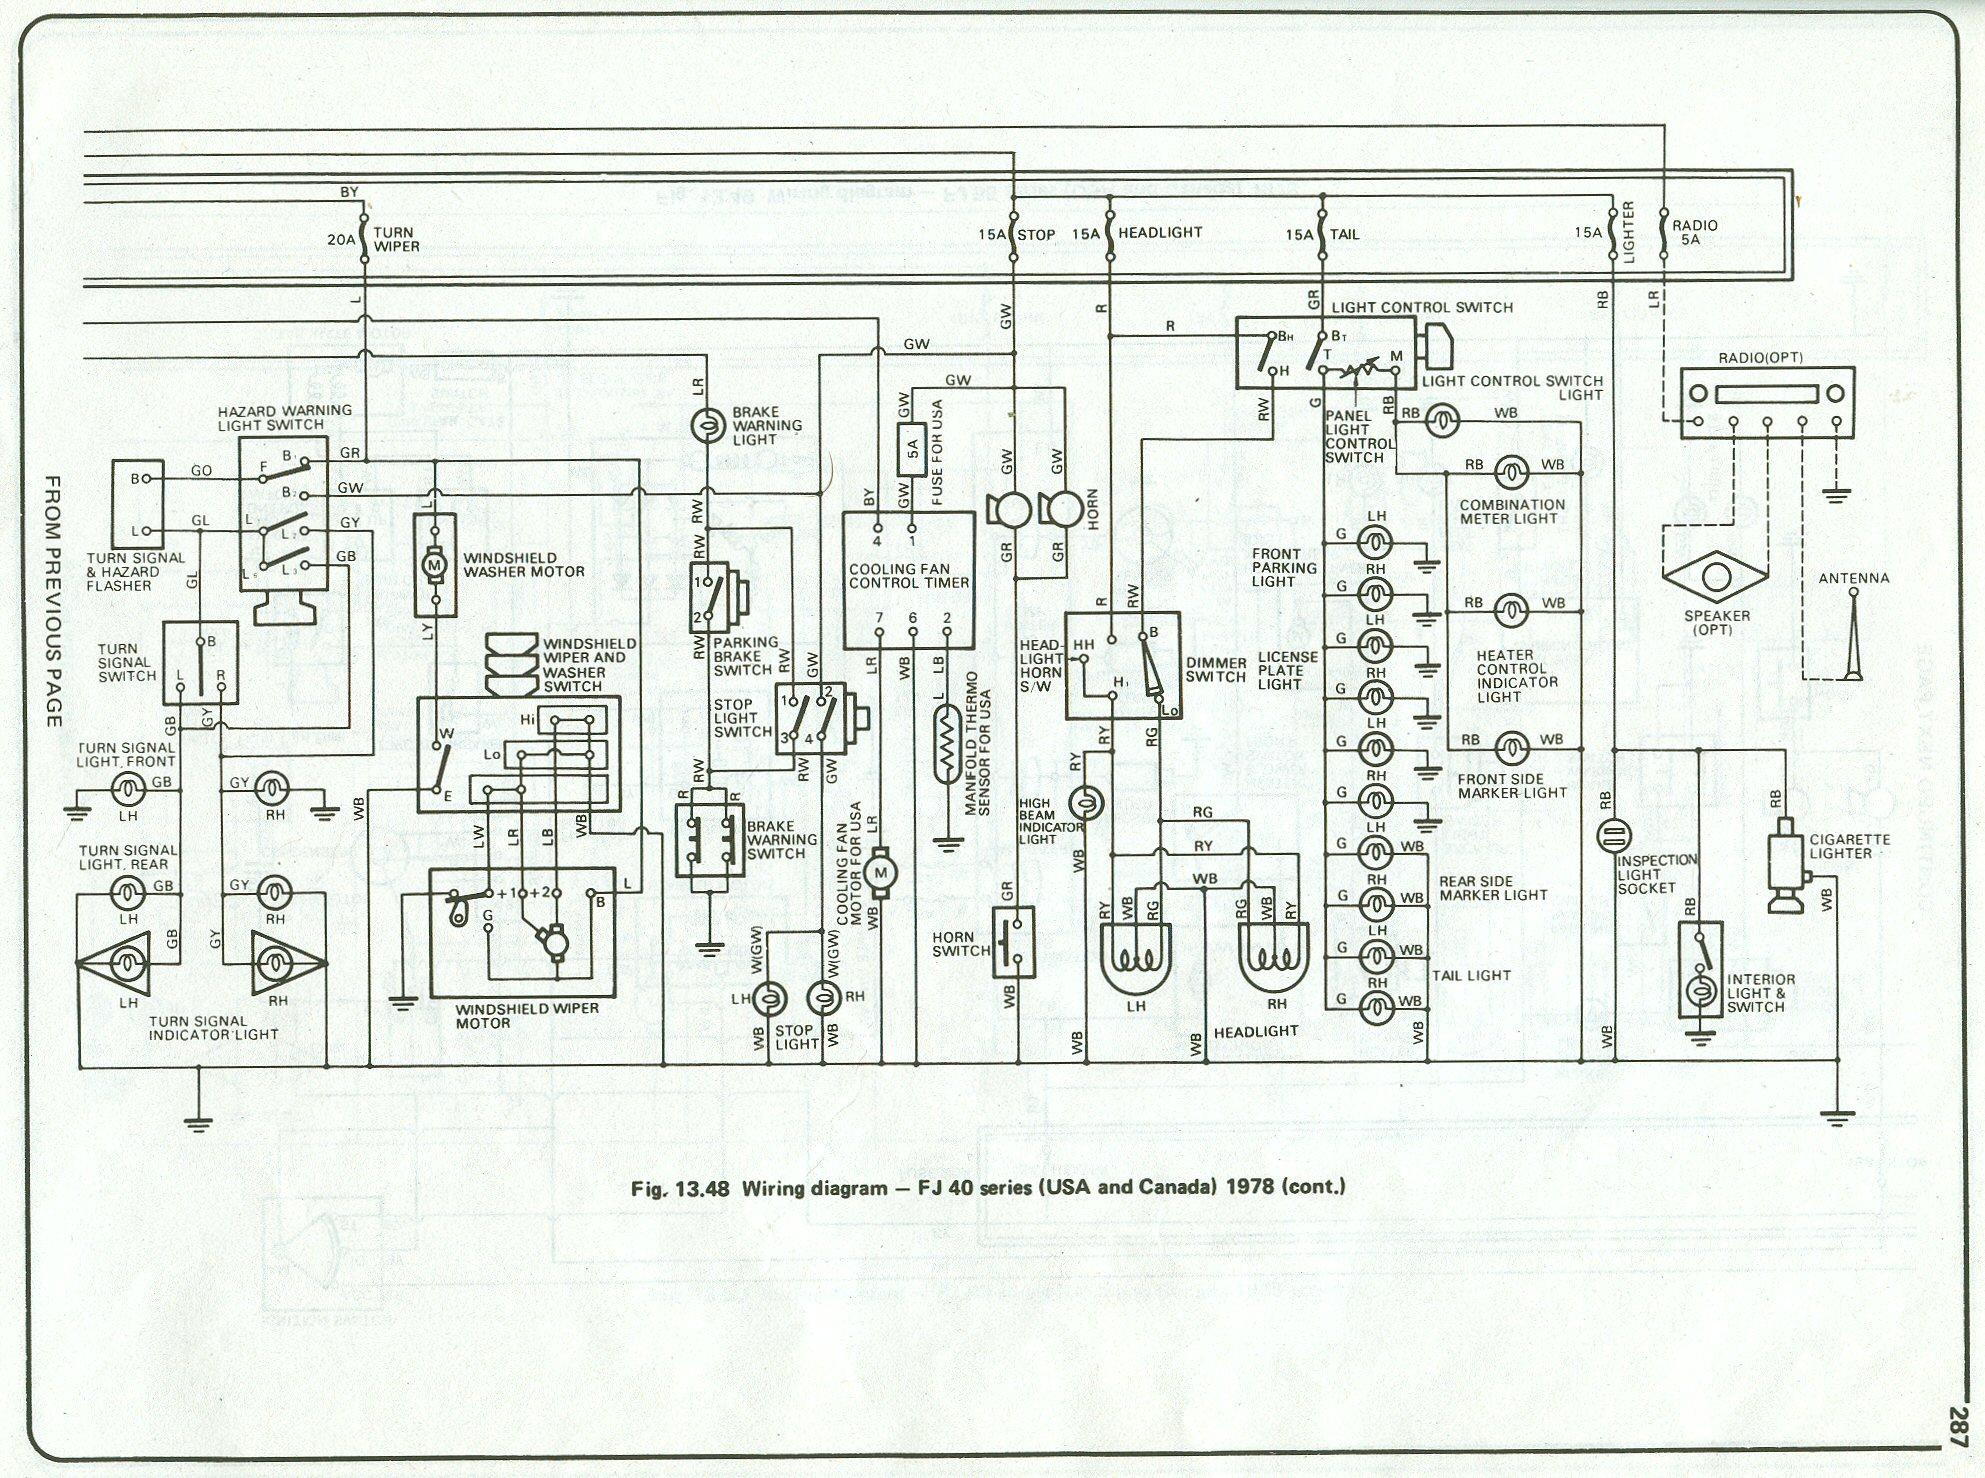 fj40 electrical schematics